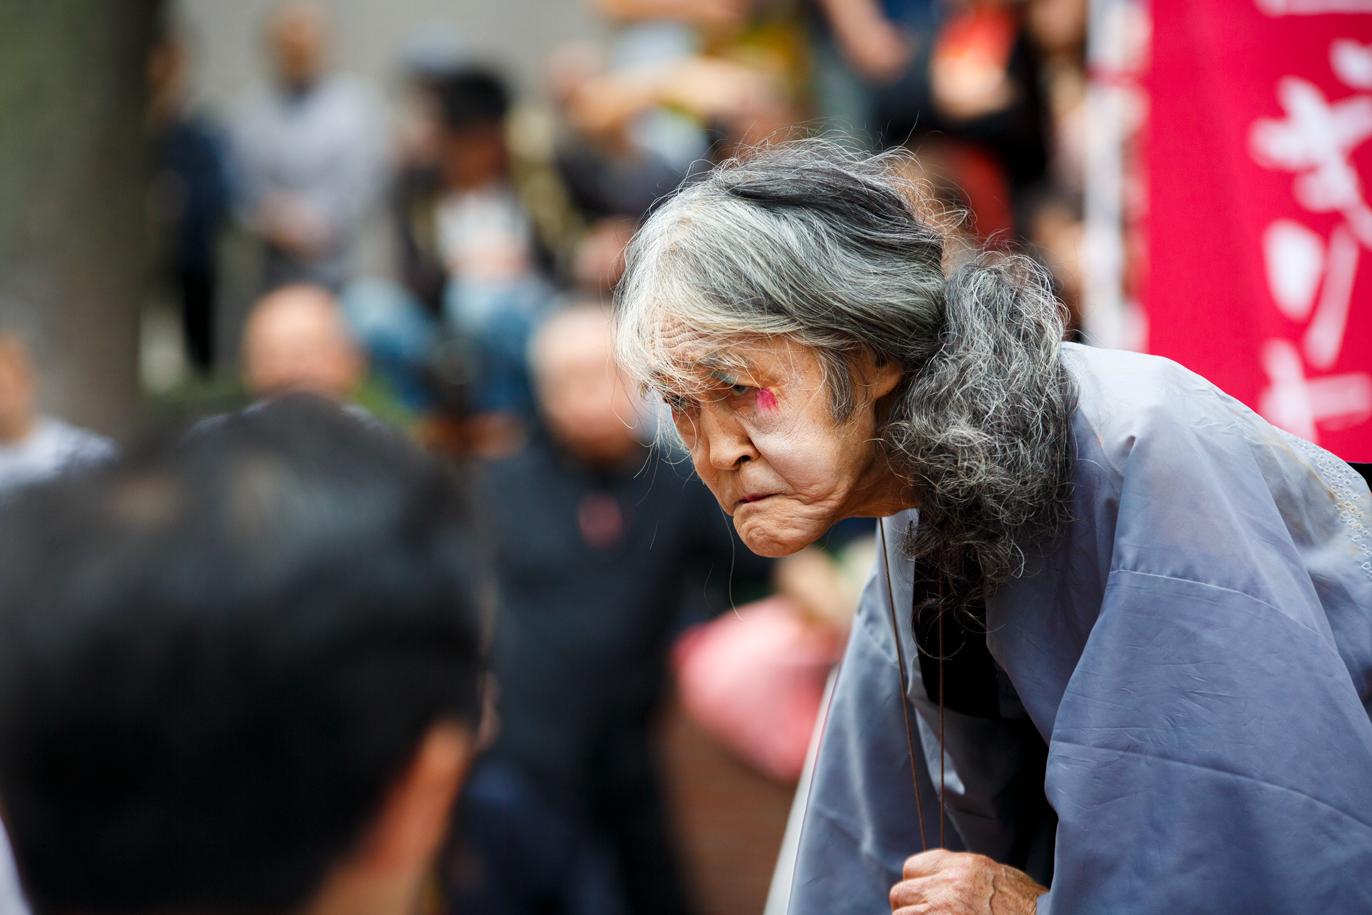 写真で振り返る50年目の舞、大道芸人ギリヤーク尼ヶ崎が新宿で公演